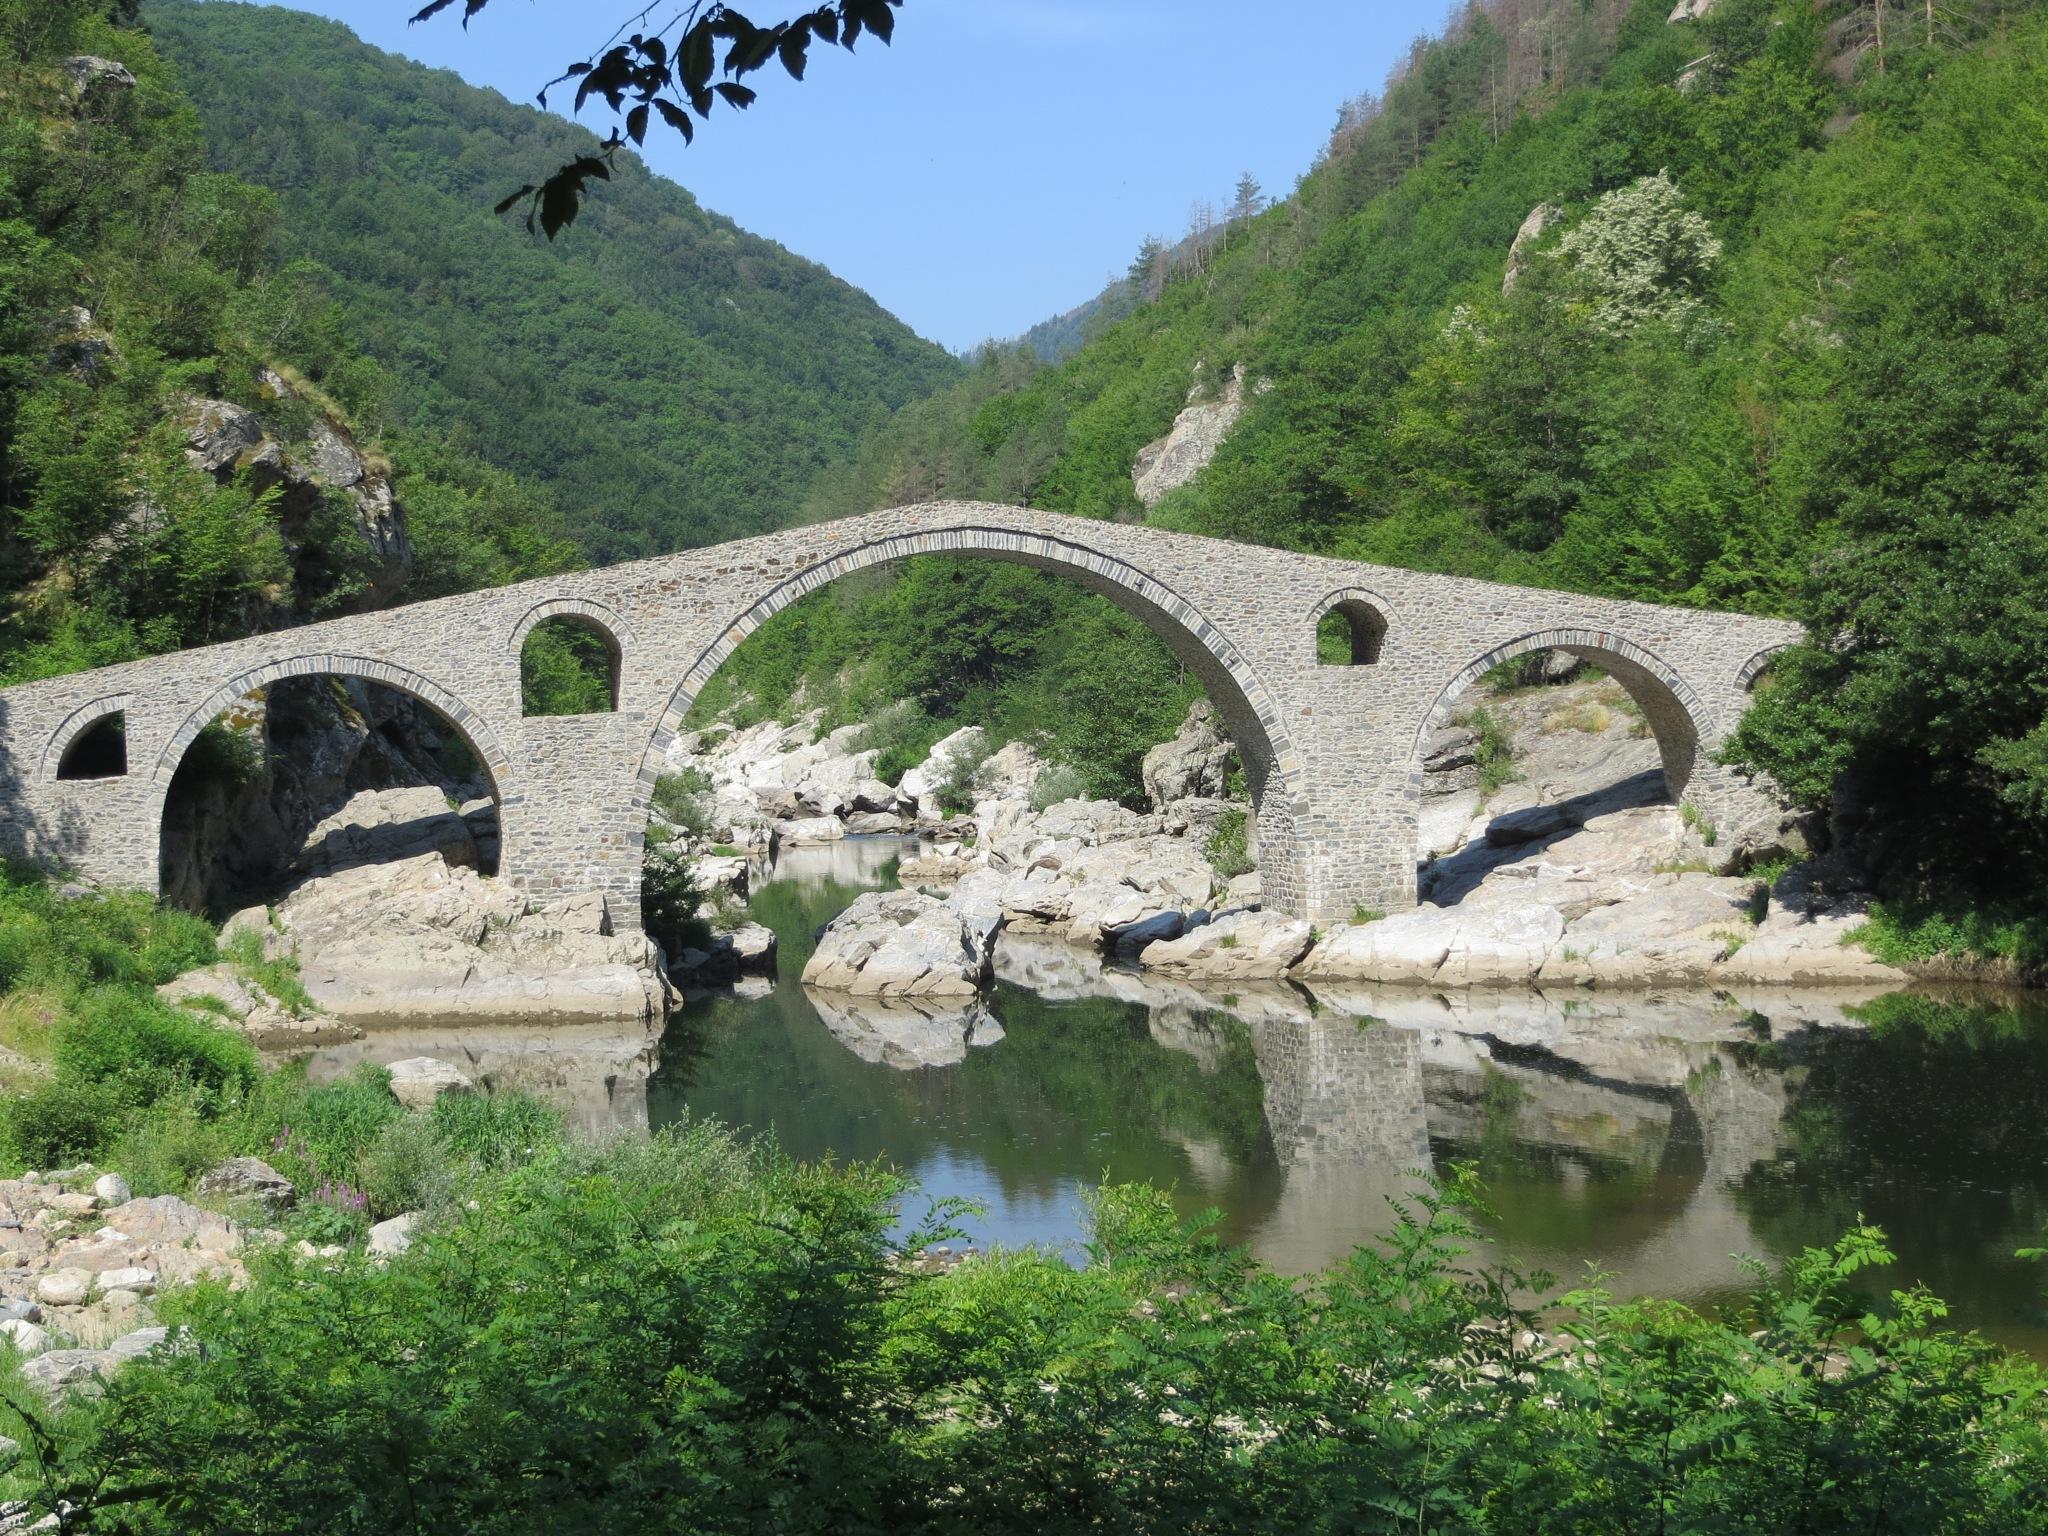 The Devil's Bridge, Arda river by kamelk